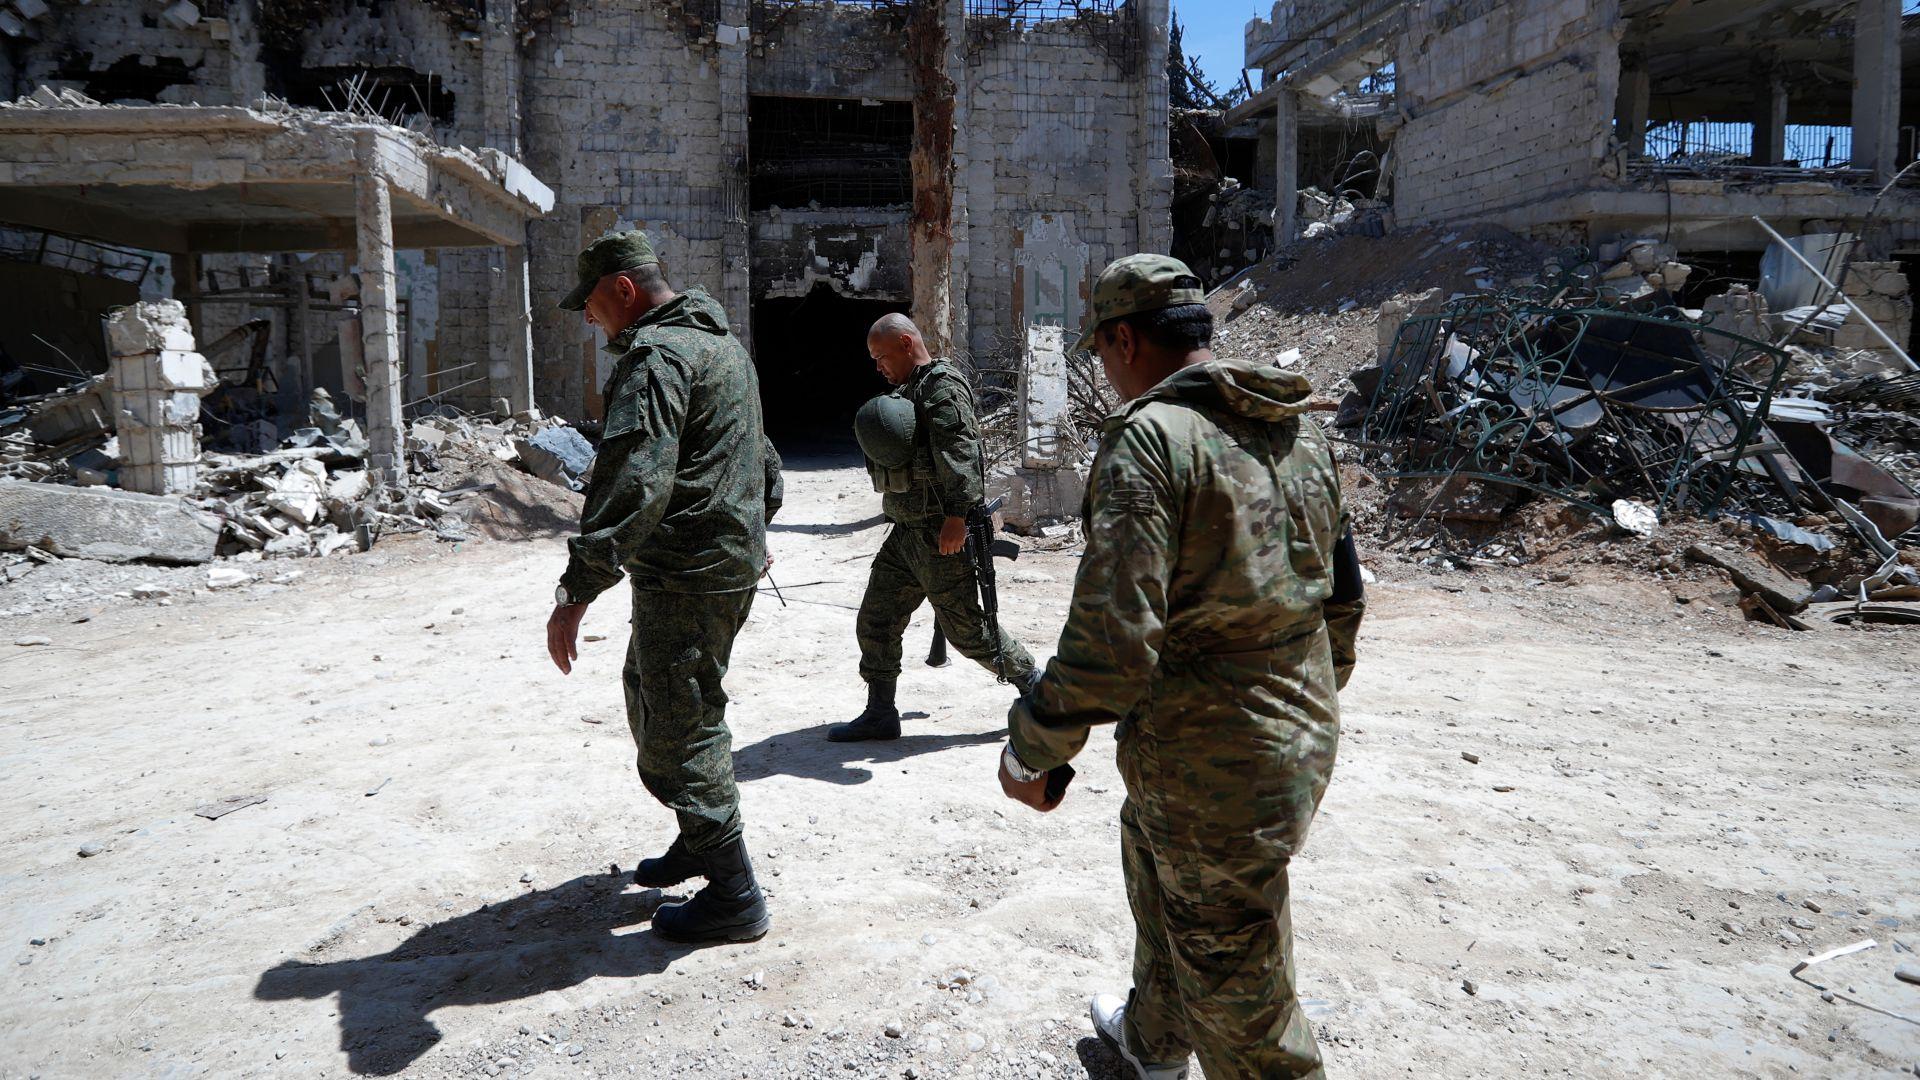 САЩ заменят своите военни в Сирия с арабски части